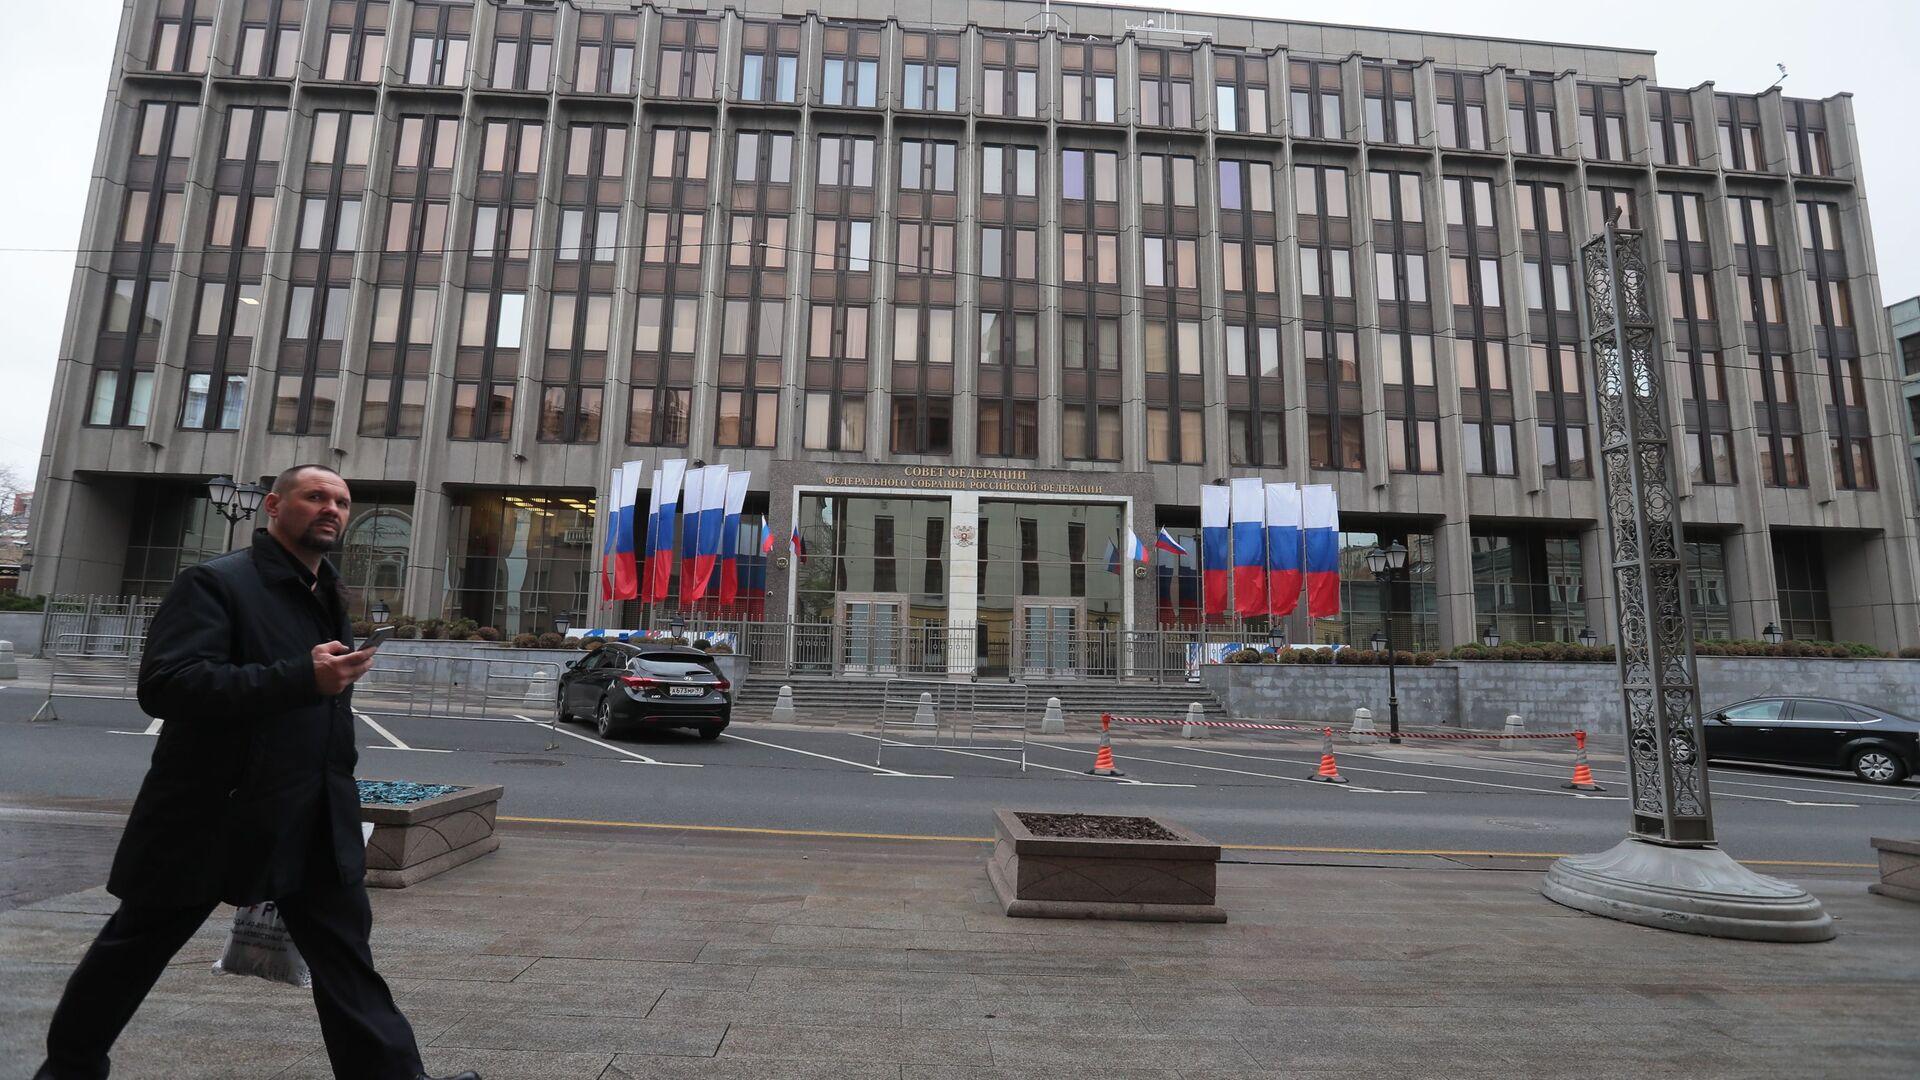 Moskva: Ako ne bude izvinjenja Amerike, preduzećemo dalje korake - Sputnik Srbija, 1920, 10.08.2021